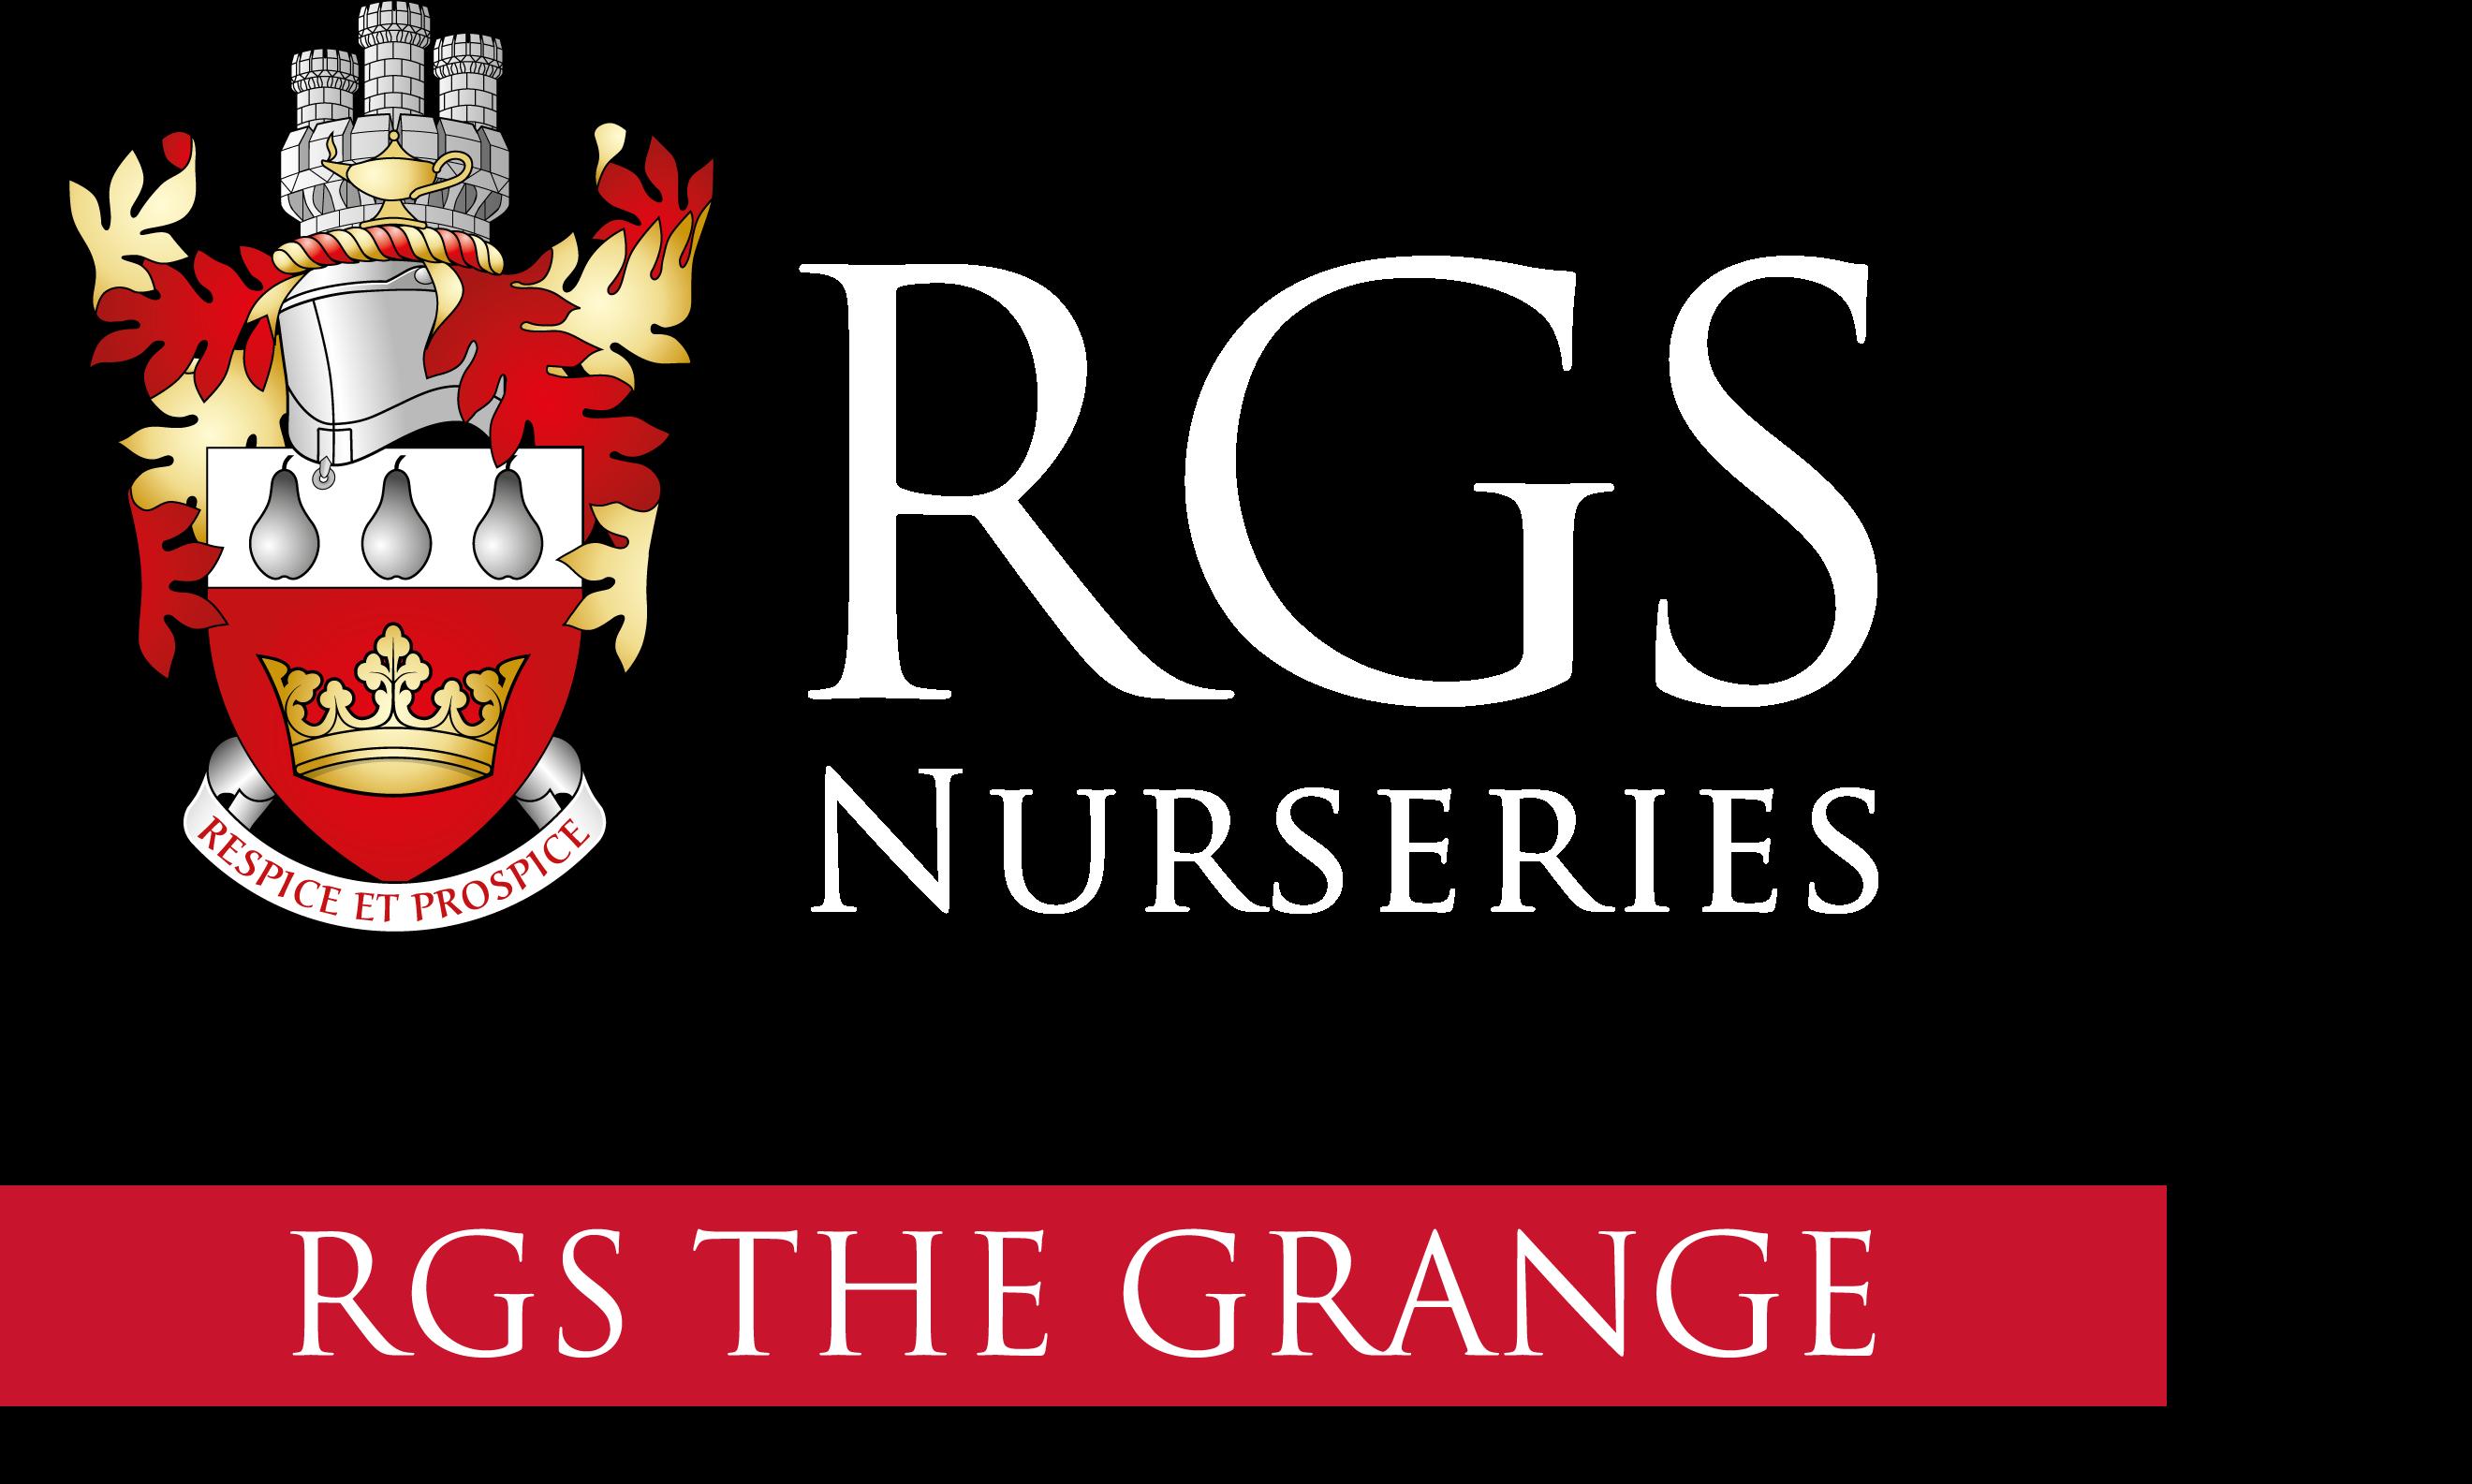 RGS Nurseries Grange website 2021